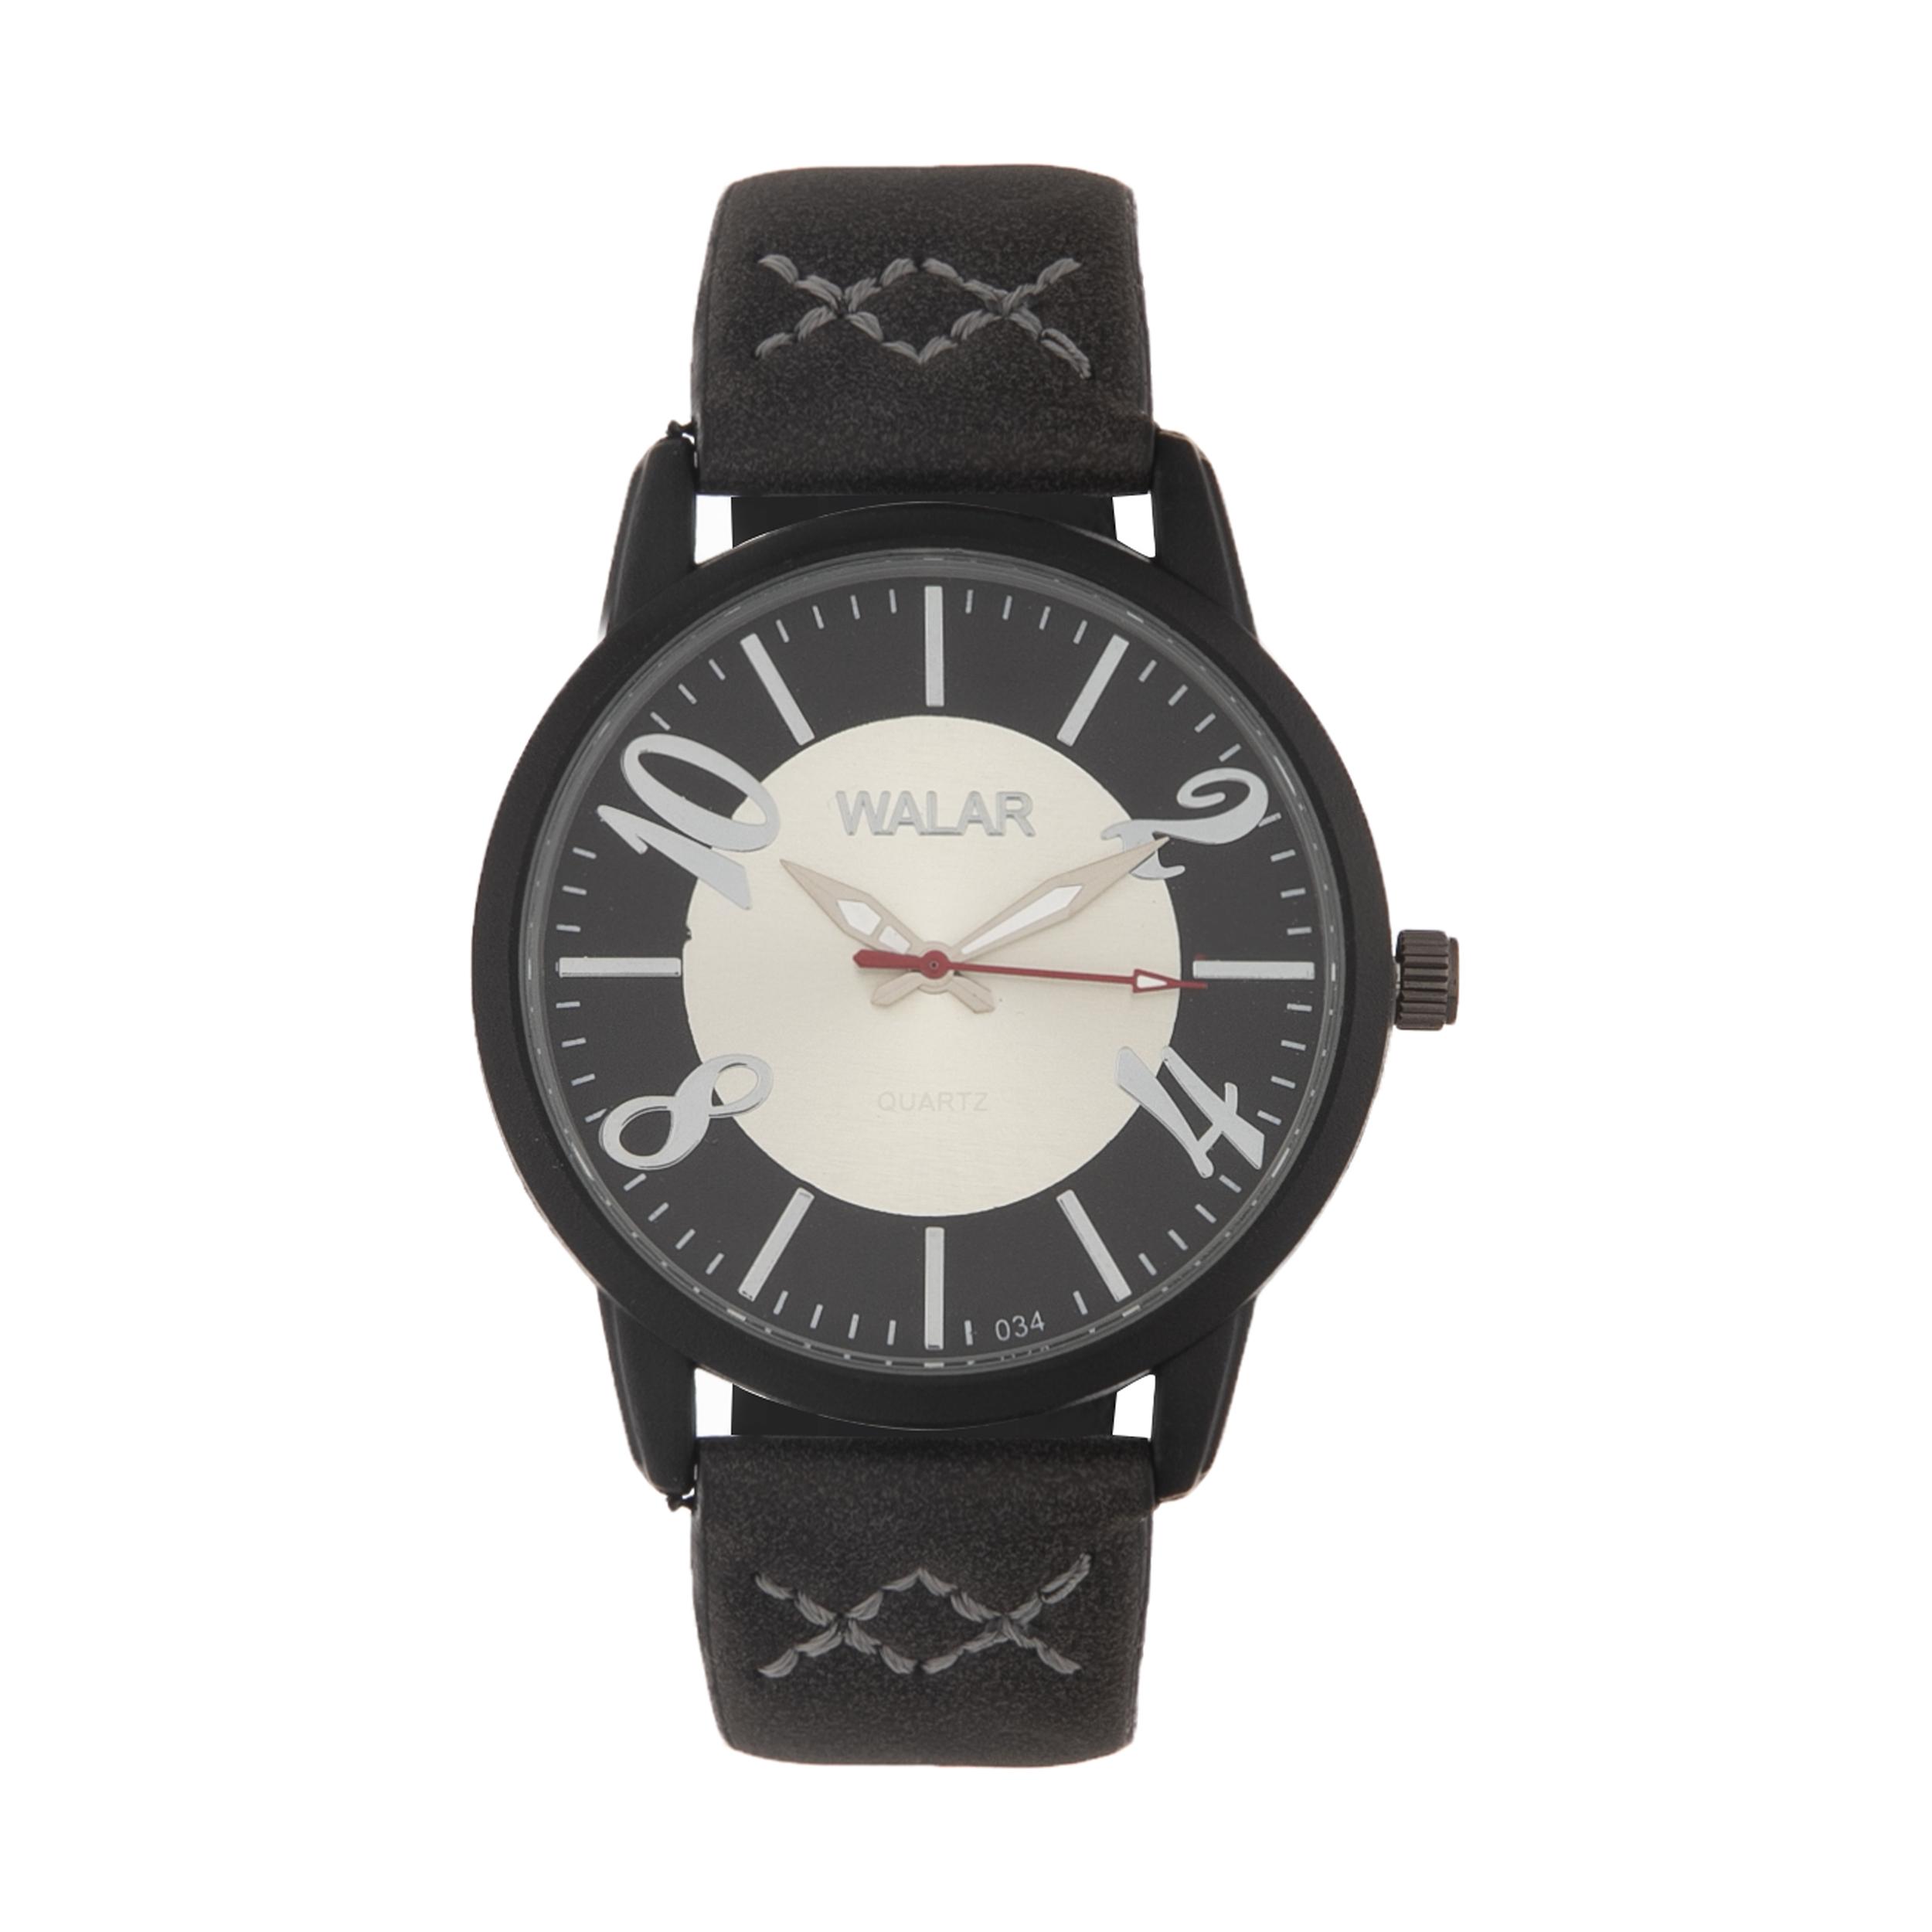 ساعت مچی عقربه ای والار مدل X149              خرید (⭐️⭐️⭐️)